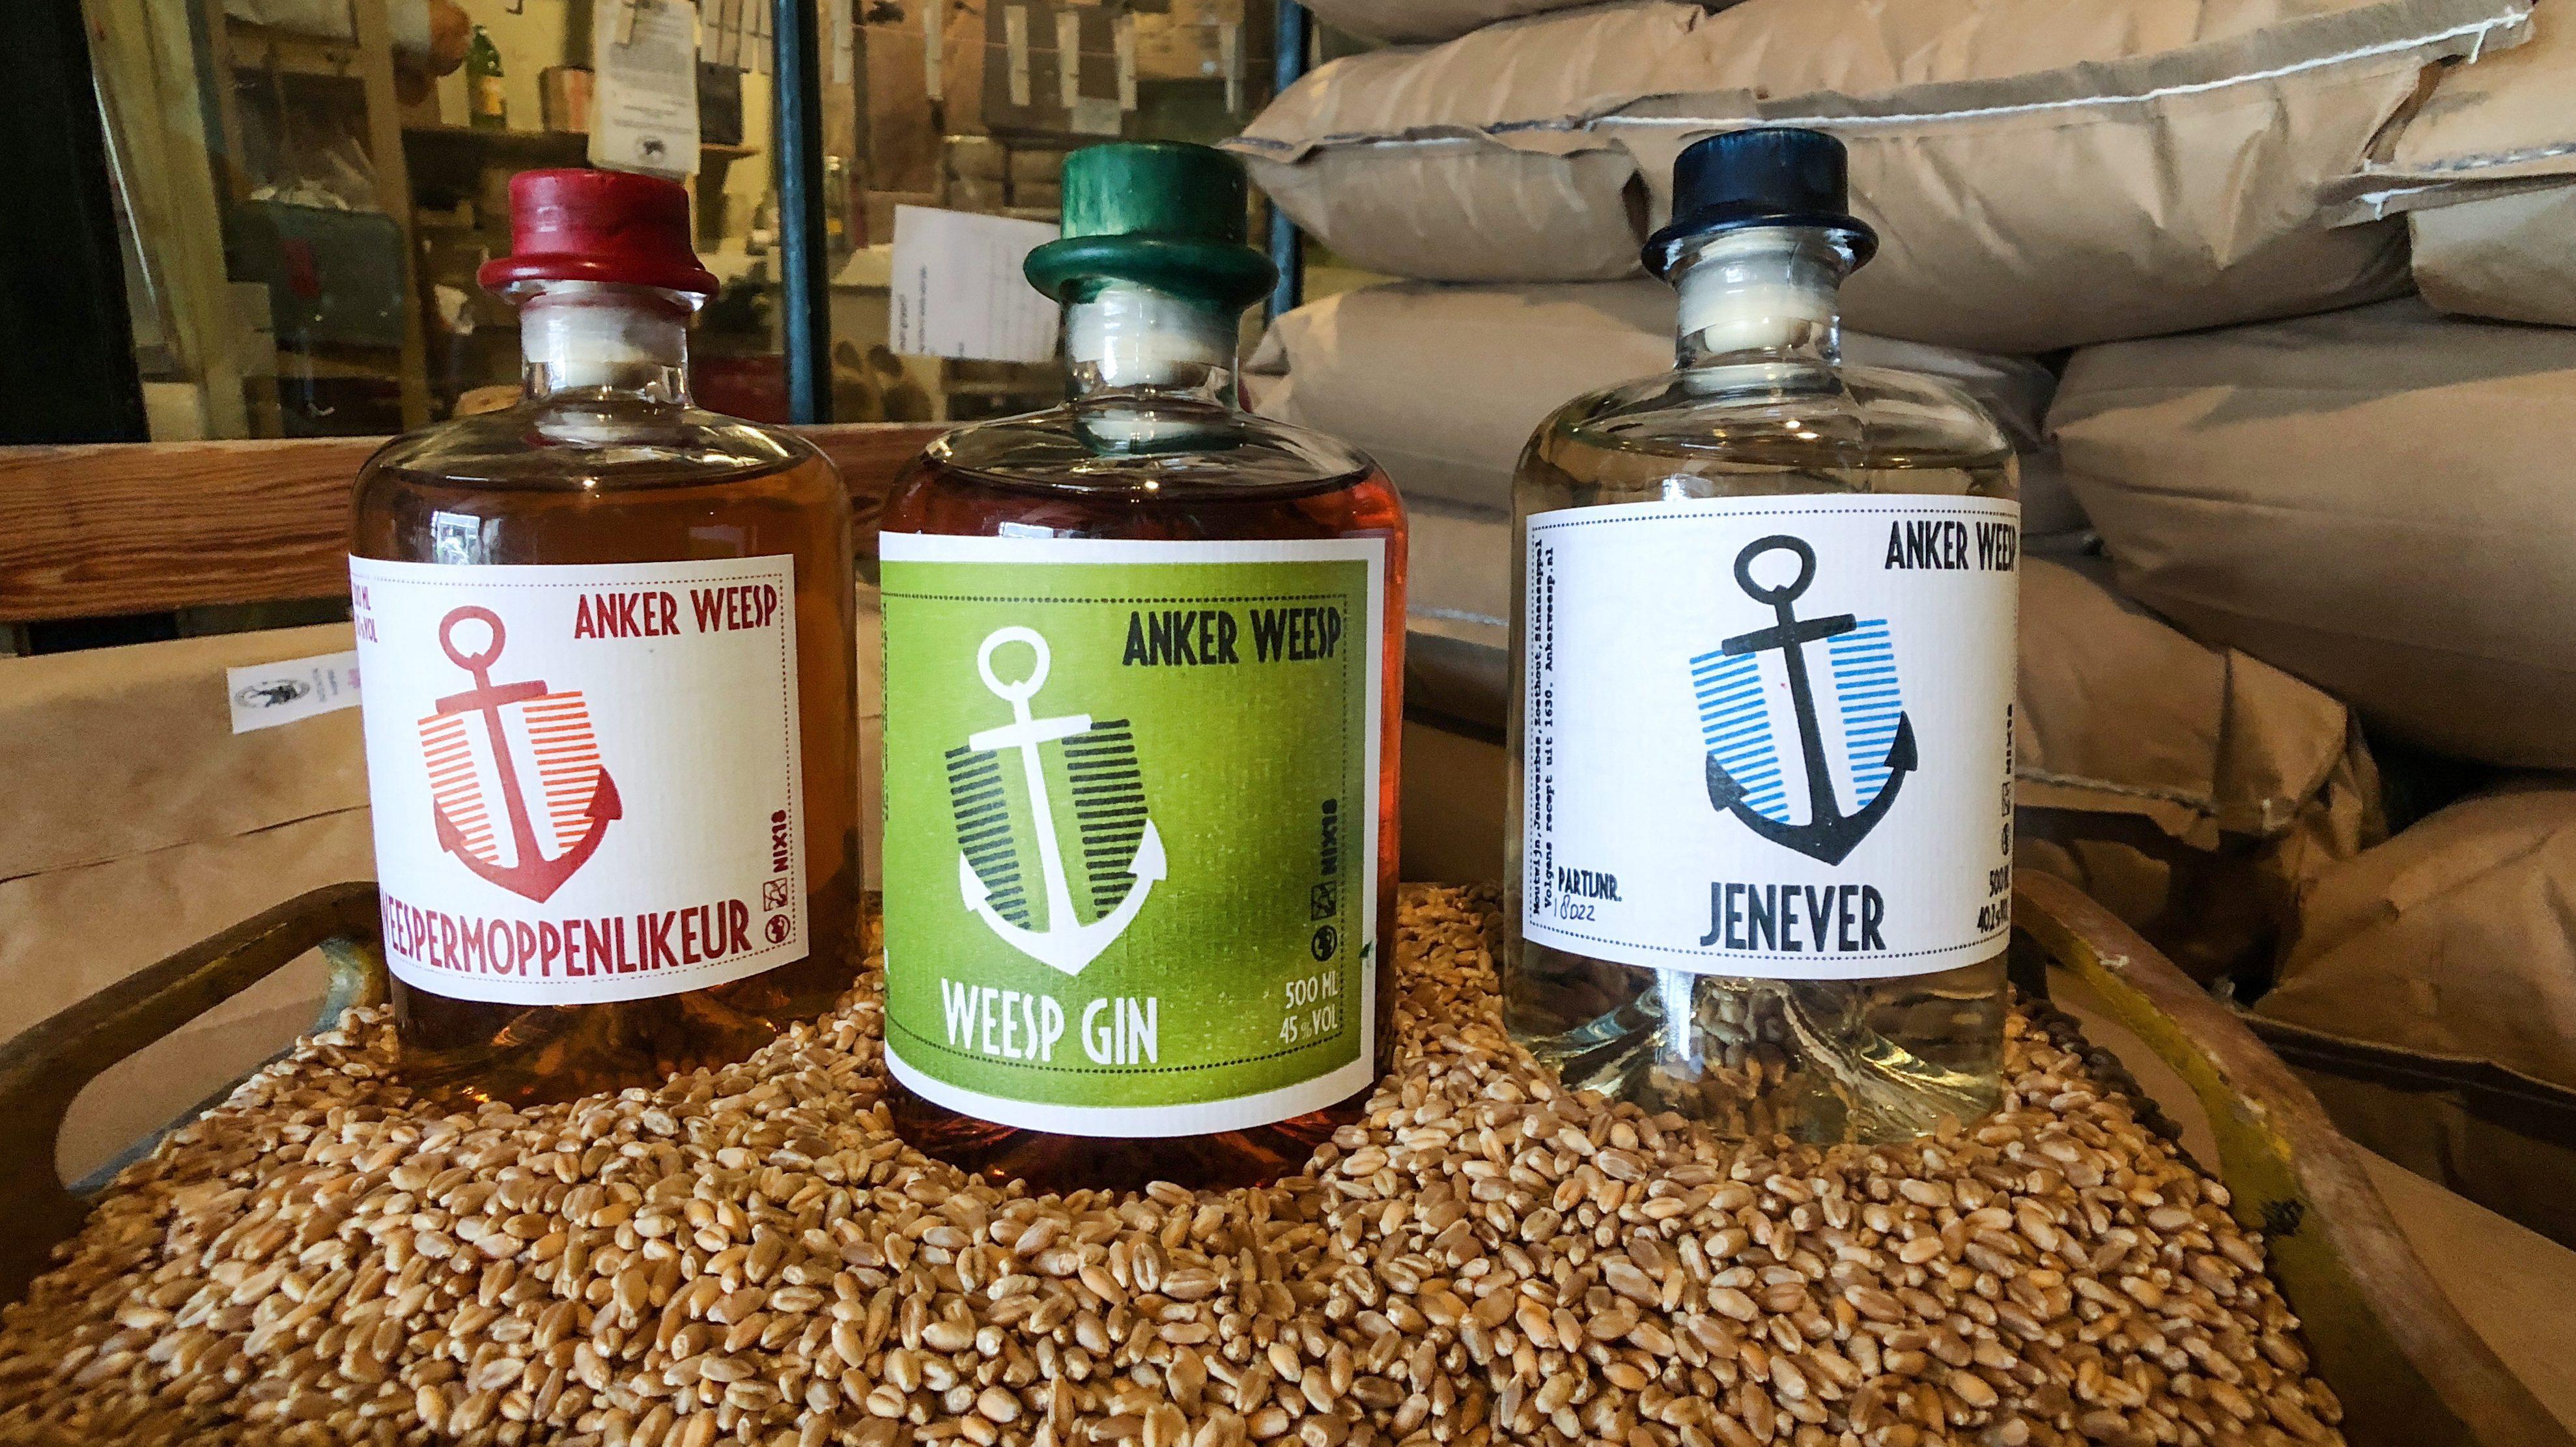 Productfoto met drie flessen met etiket waarop een anker als logo staat: Weespermoppenlikeur, Weesp gin en Jenever